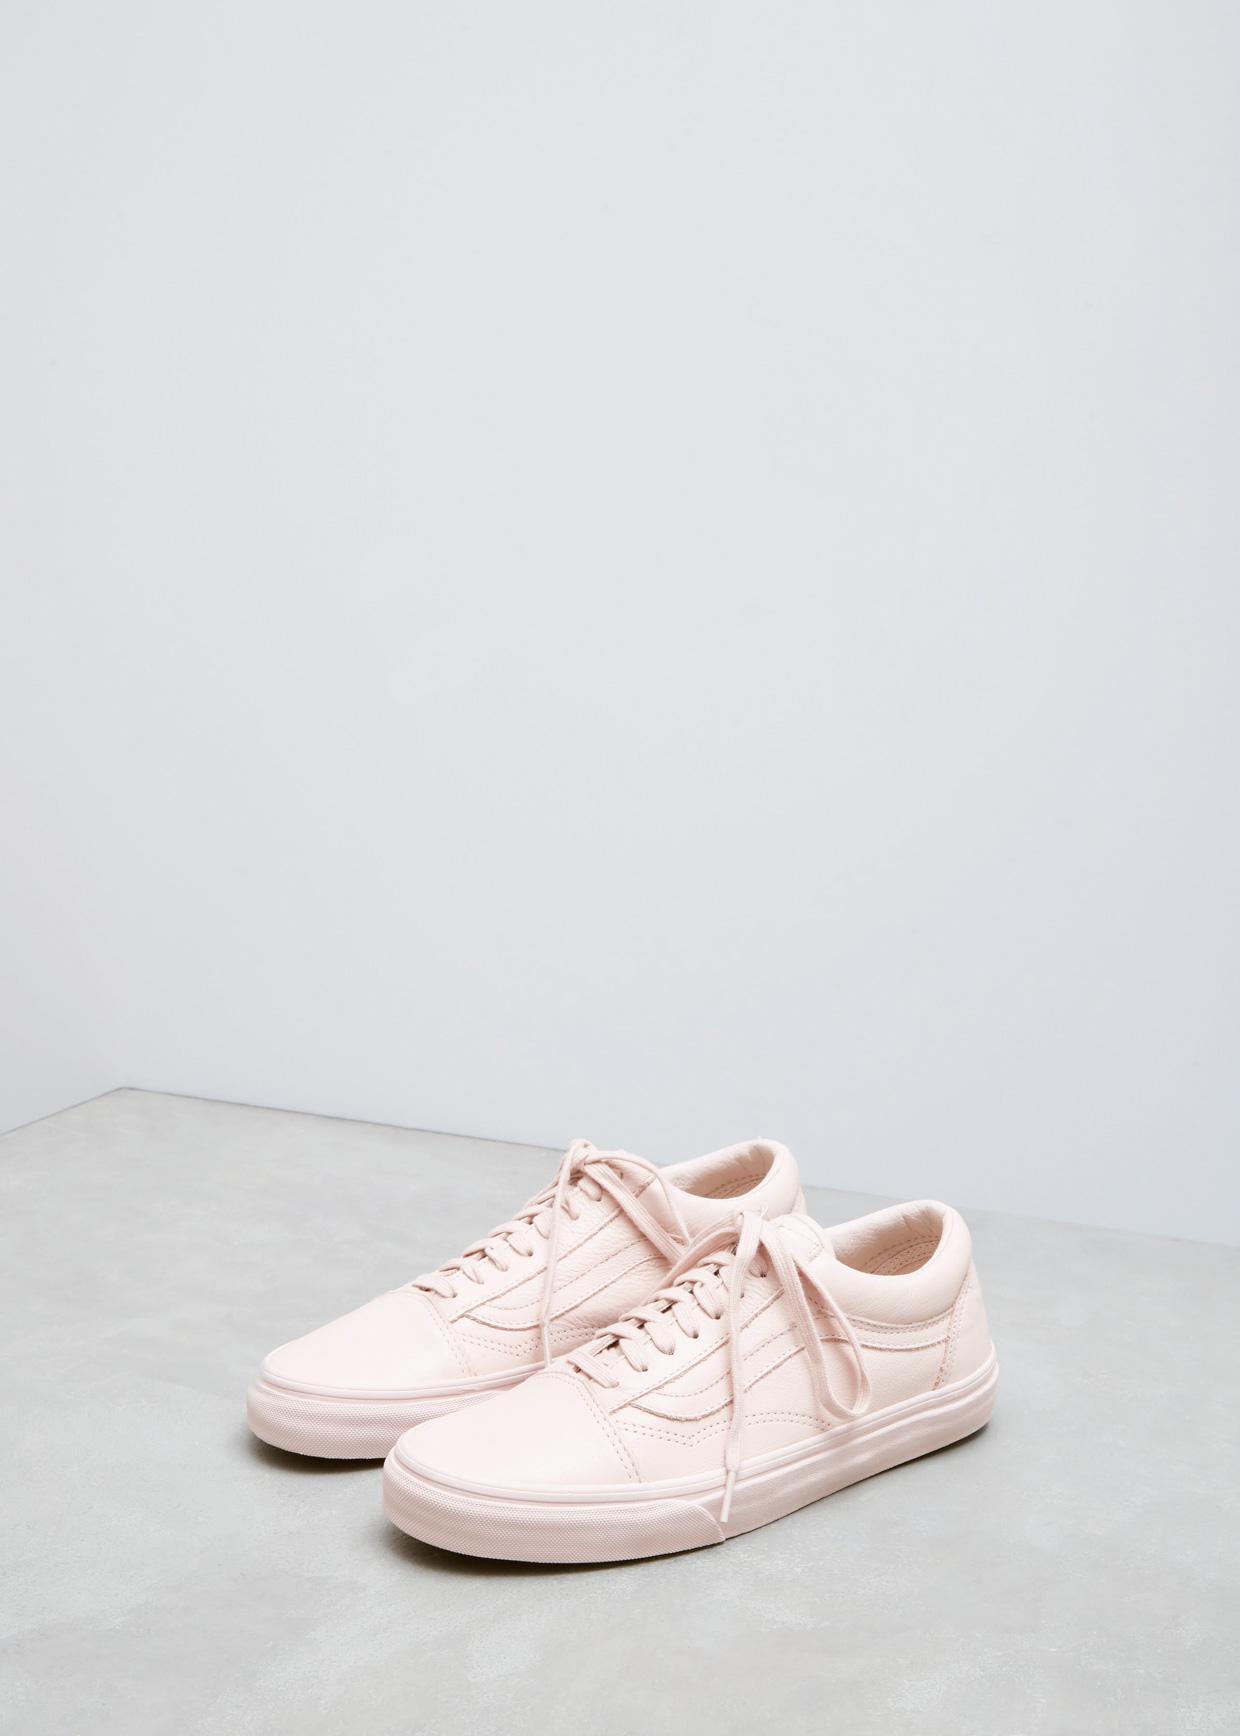 Vans Old Skool (Leather) Mono Sepia Rose | Footshop